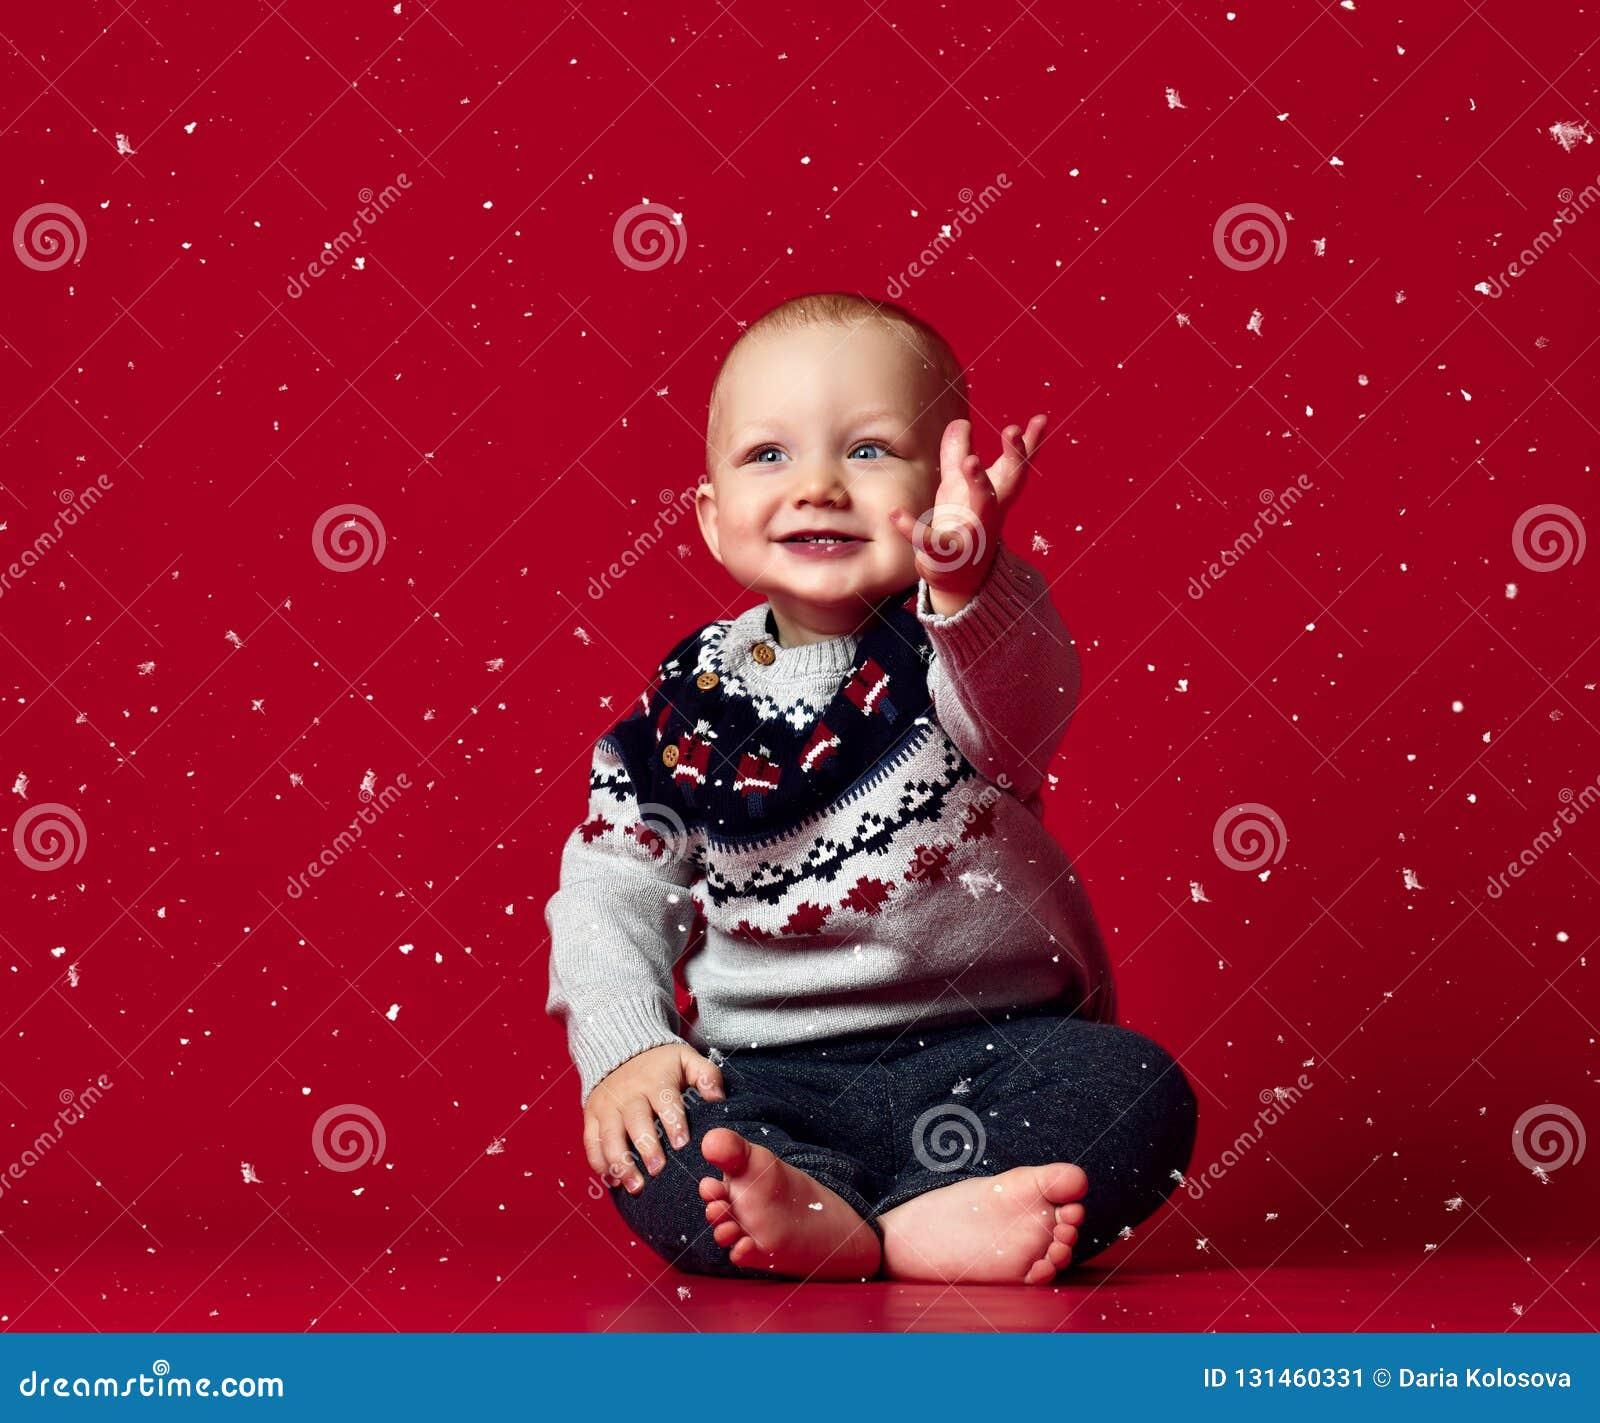 Imagem do bebê doce, retrato do close up da criança, criança bonito com olhos azuis